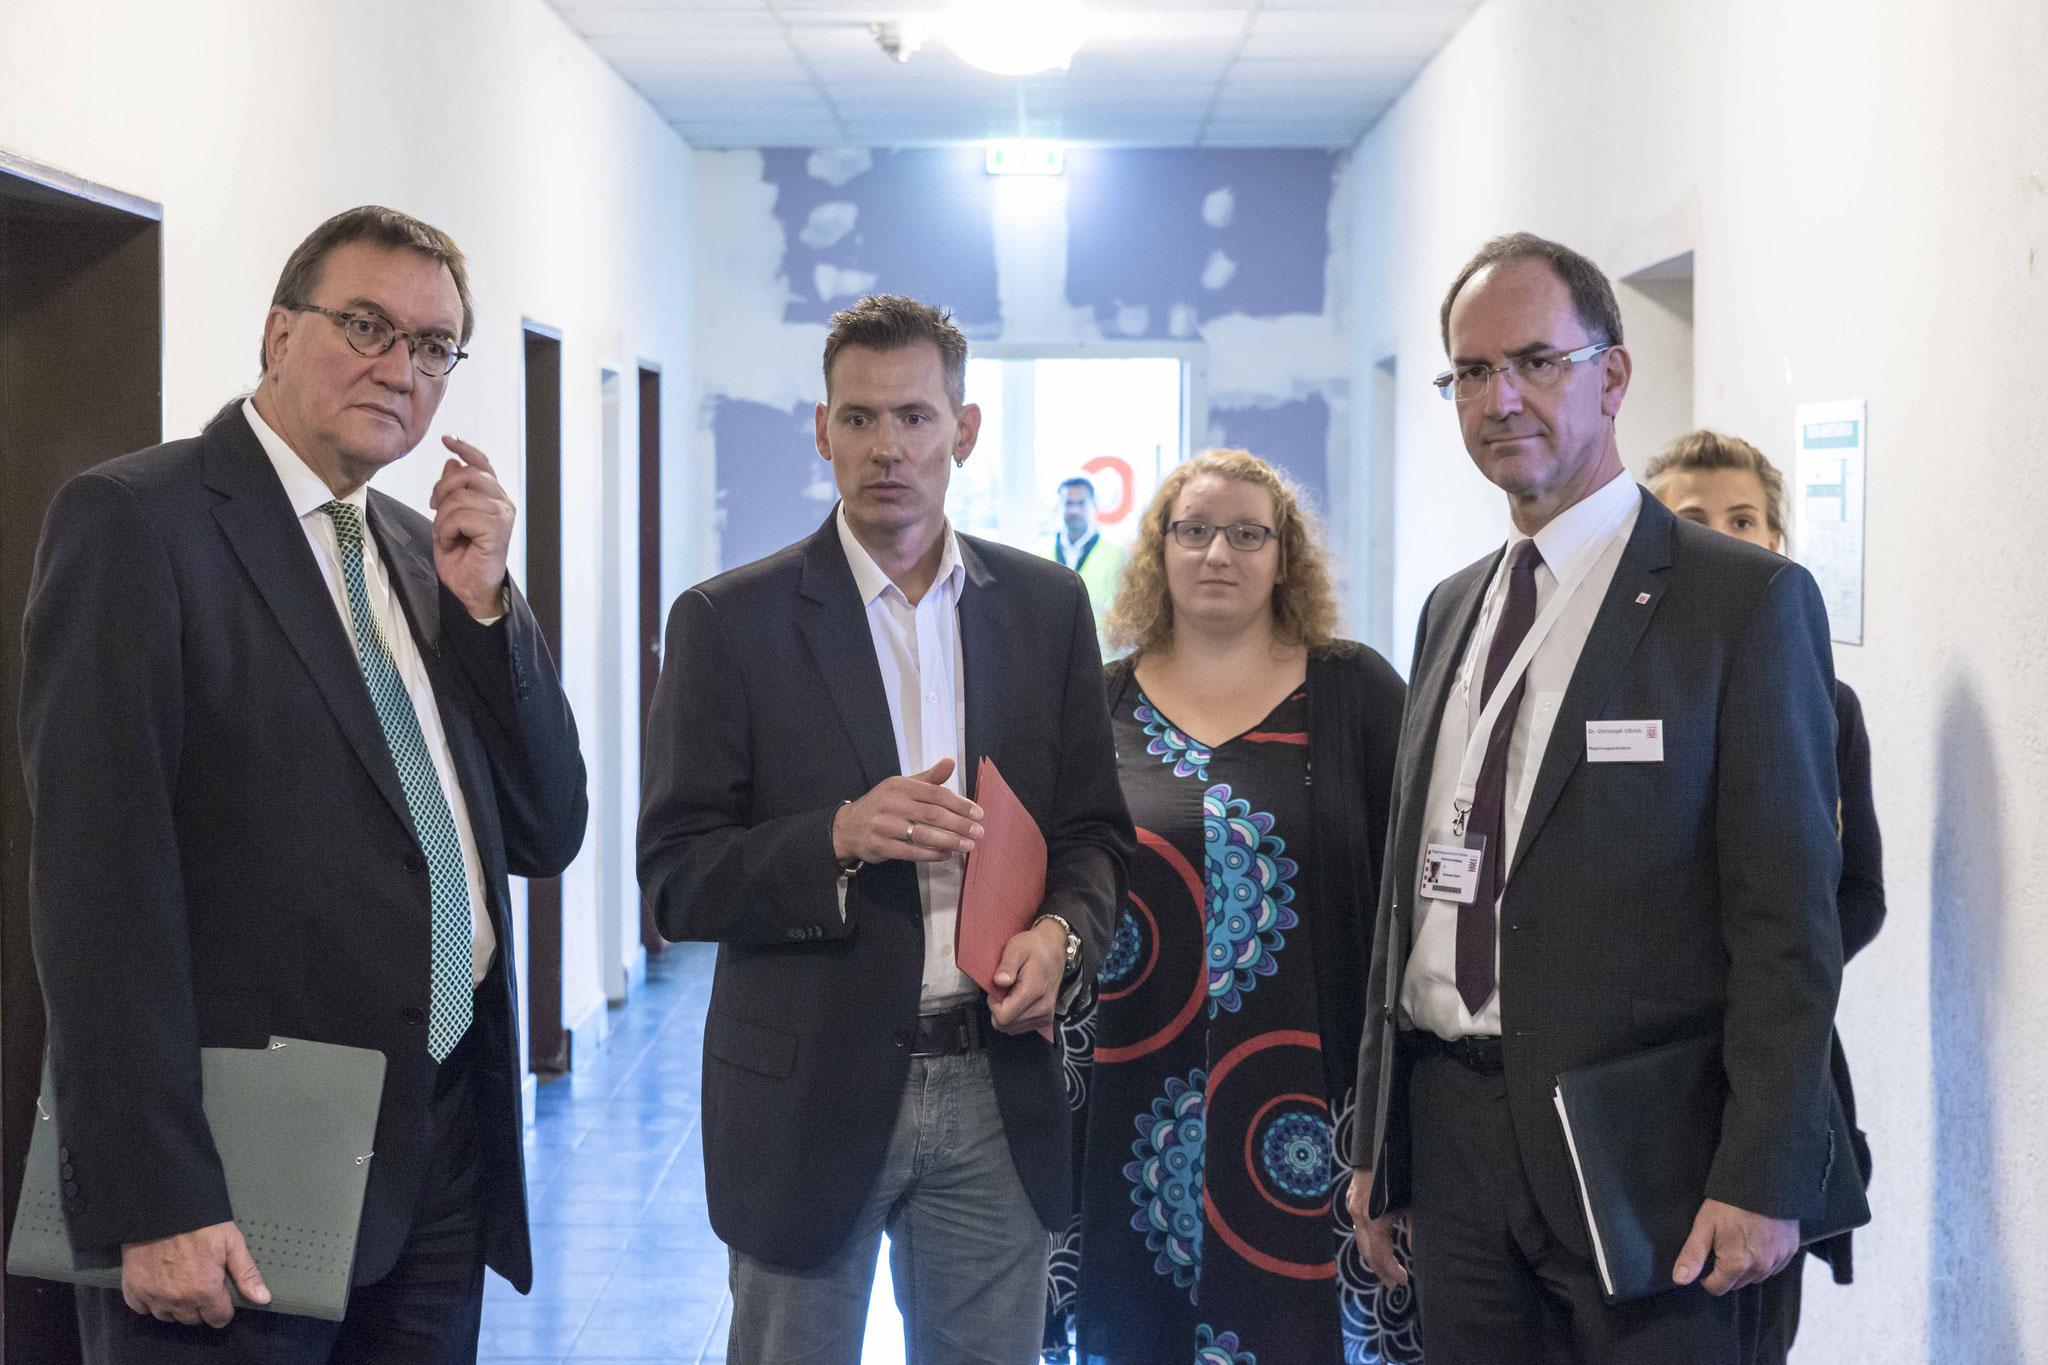 Bischof Hein (v.l.n.r.), Zutz, Janneke Daub, Ehrenamtskoordinatorin des DW, RP Ullrich